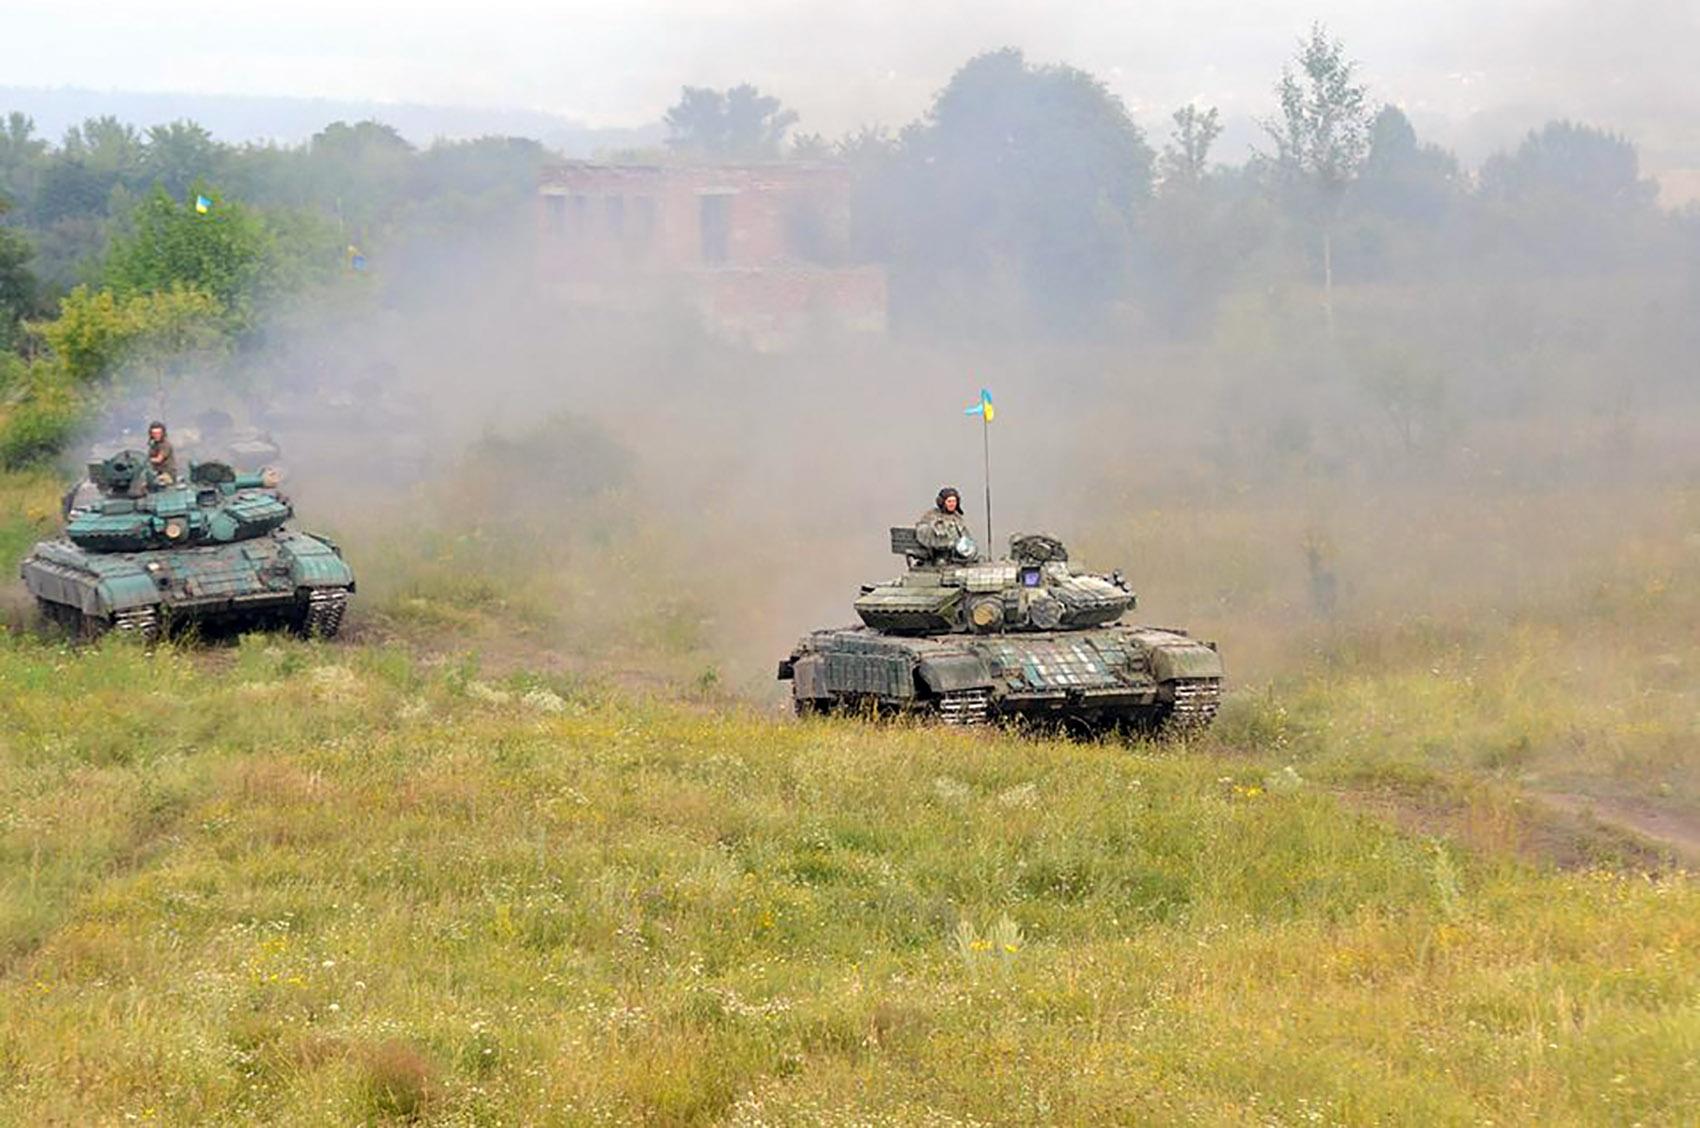 На Харківщині танкісти після повернення з АТО вступили в бій  - фото 3